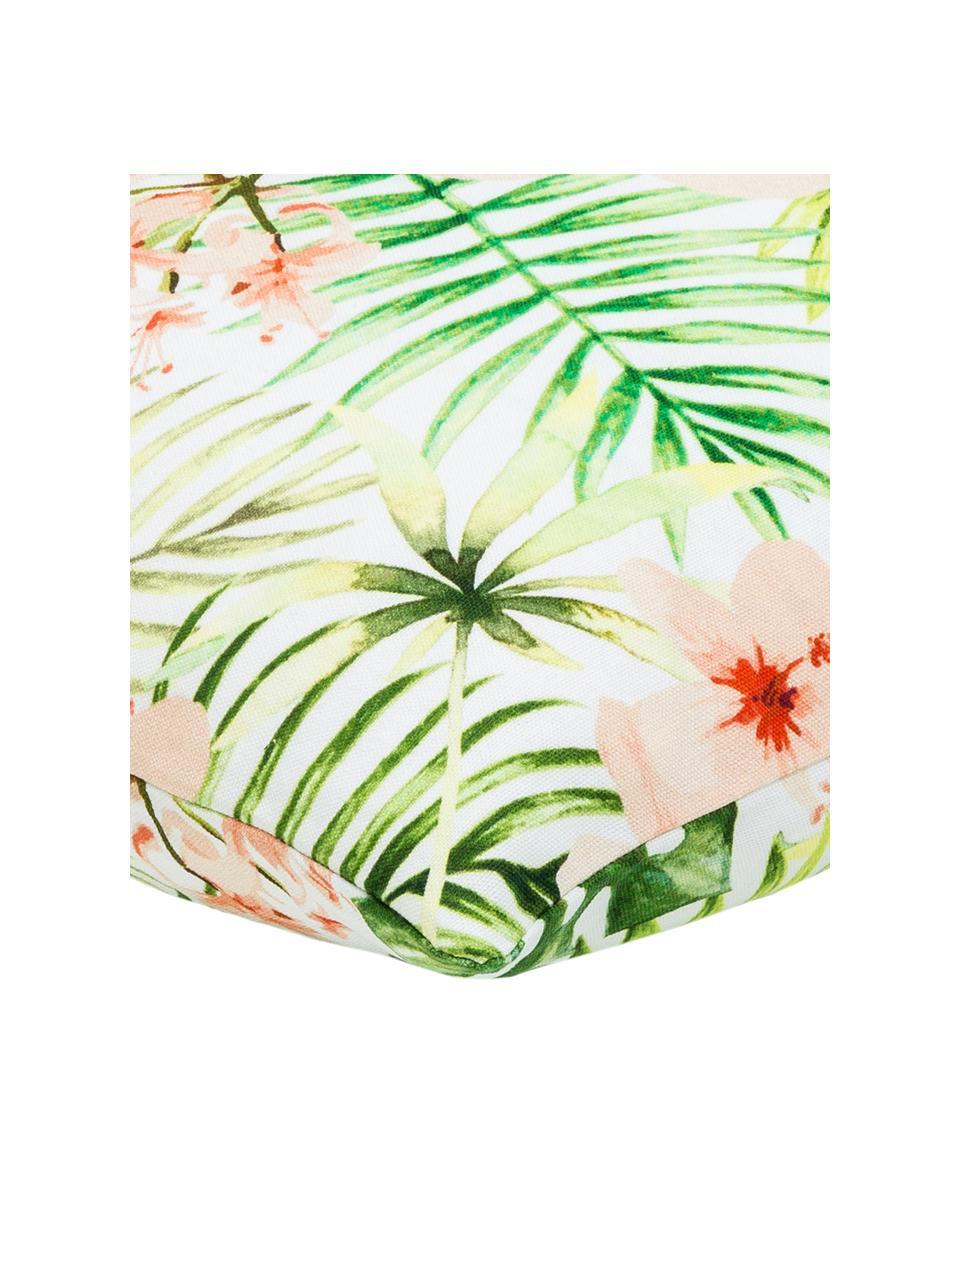 Kissenhülle Jenna mit tropischem Muster in Grün/Rosa, 100% Baumwolle, Mehrfarbig, 40 x 40 cm